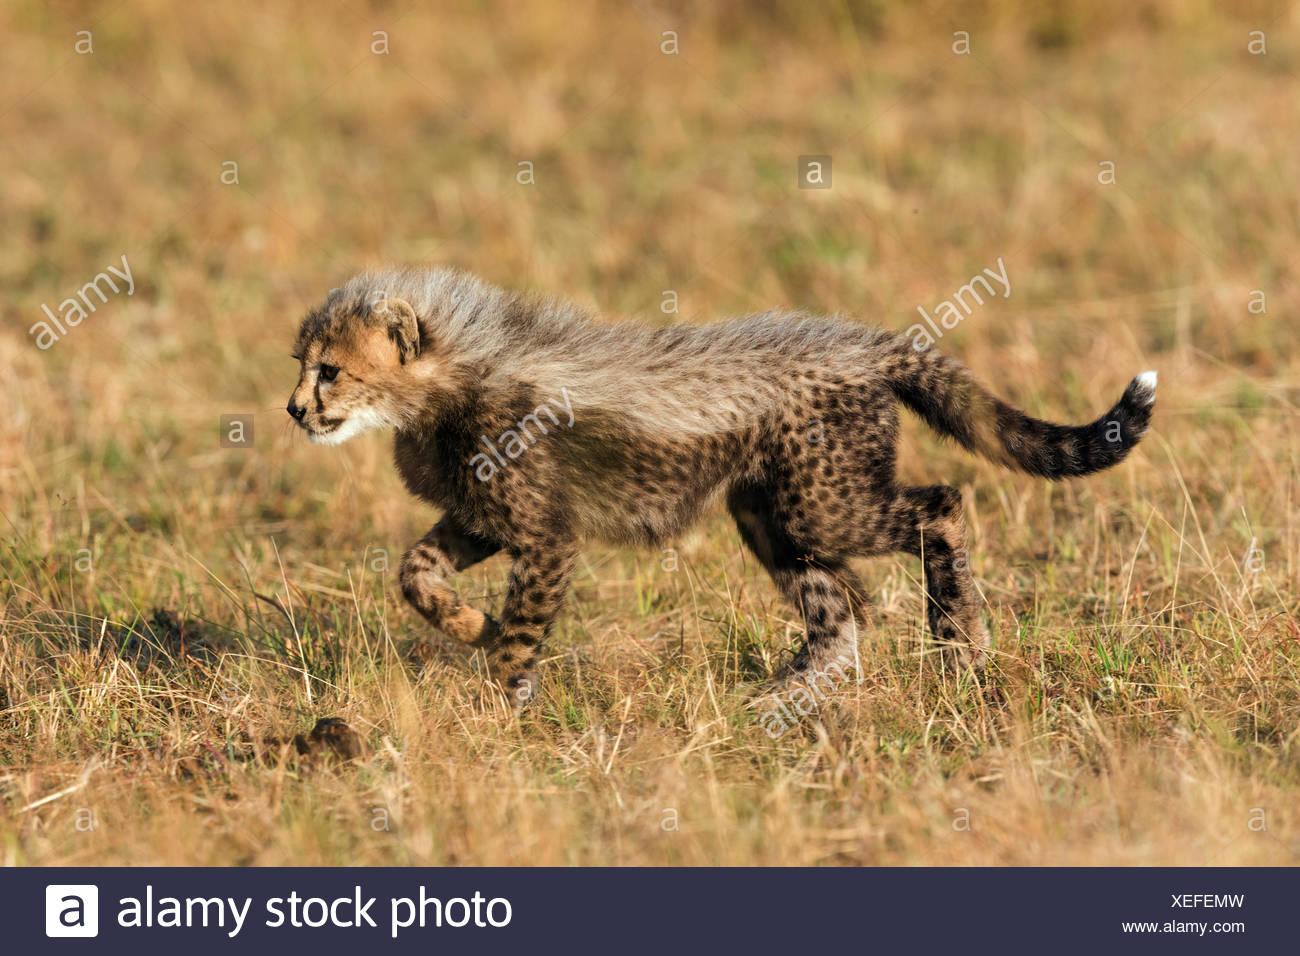 Cheetah (Acinonyx jubatus), six-week-old cheetah cub exploring its surroundings, Maasai Mara National Reserve, Narok County - Stock Image